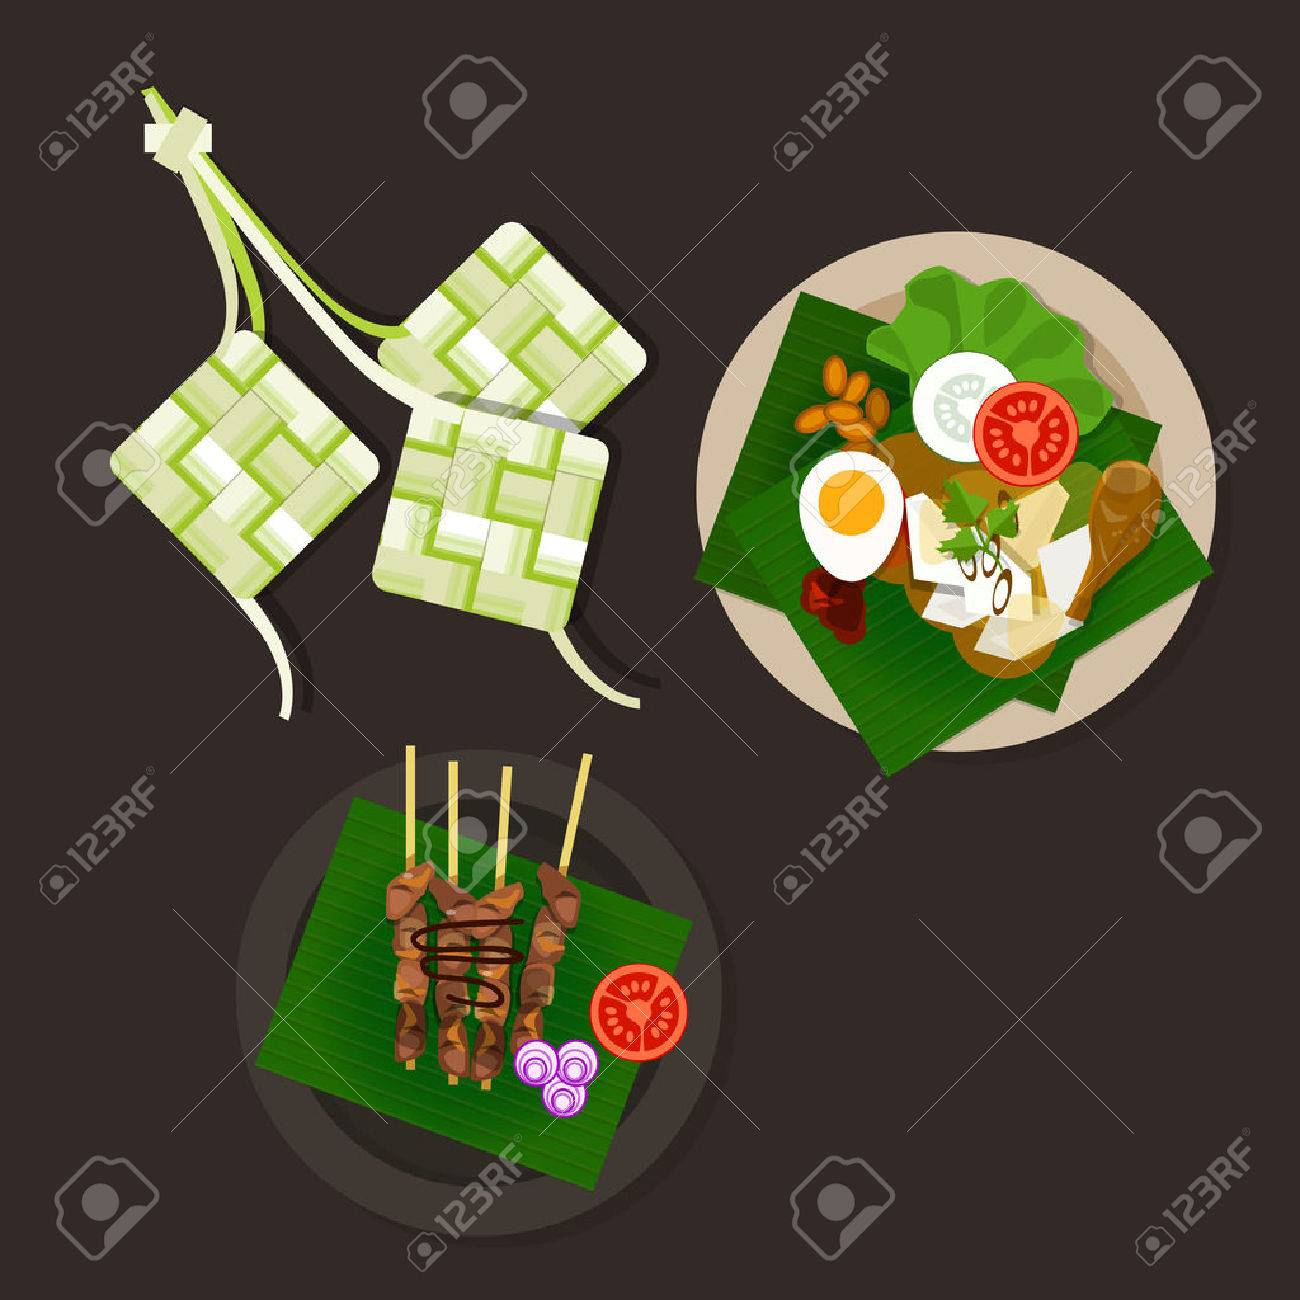 Lebaran Ketupat Idul Fitri Ied Food Sate Opor Ayam Vector Asian